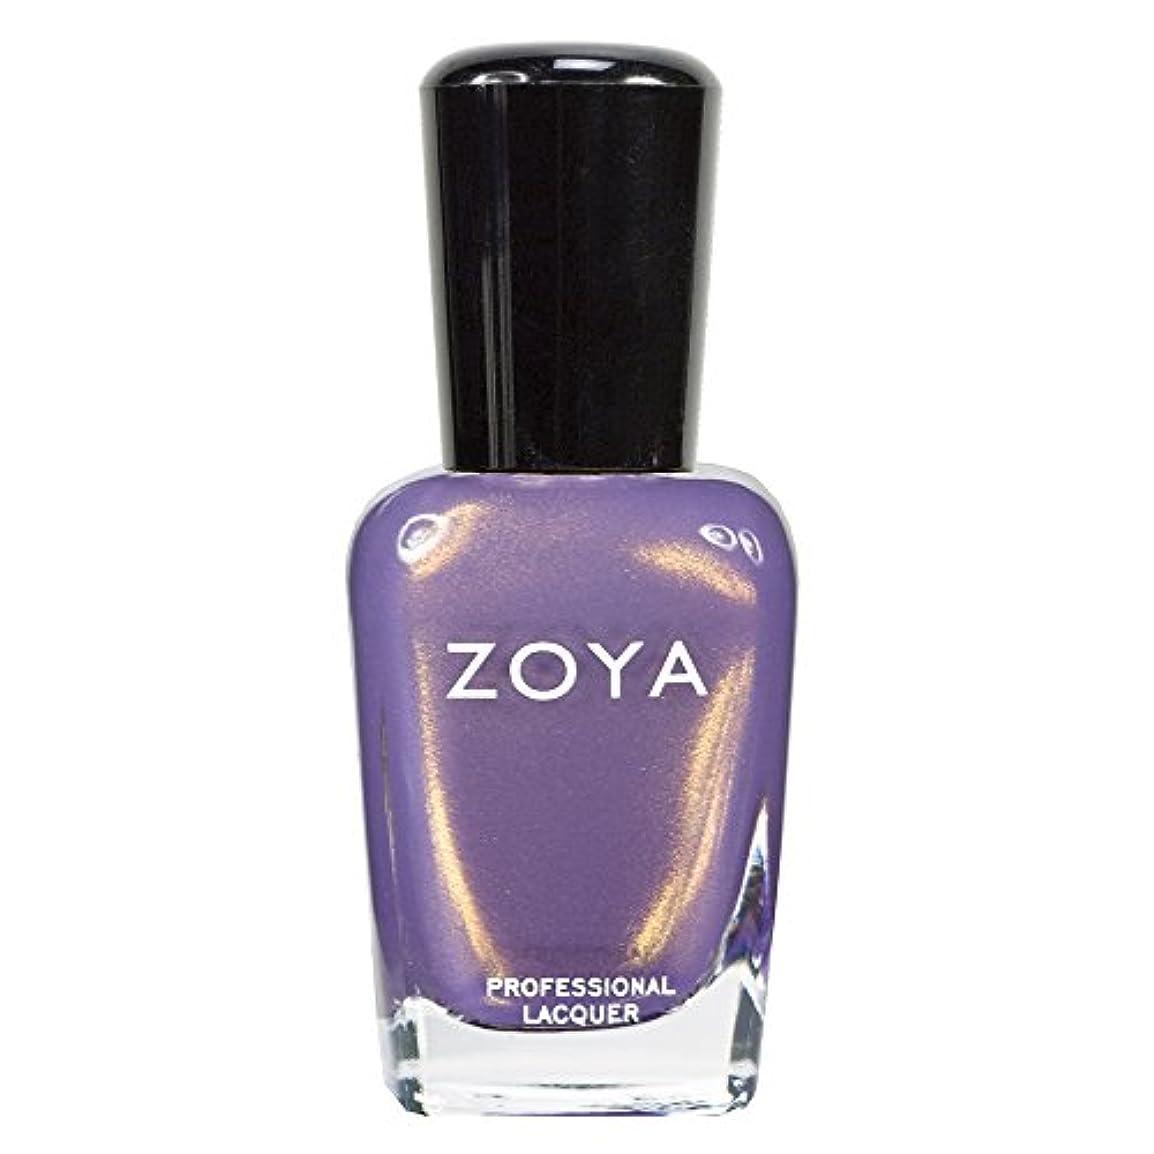 必要ないおなかがすいた登場ZOYA ゾーヤ ネイルカラーZP463 ZARA ザラ  15ml ゴールドがきらめく明るいパープル パール?グリッター 爪にやさしいネイルラッカーマニキュア